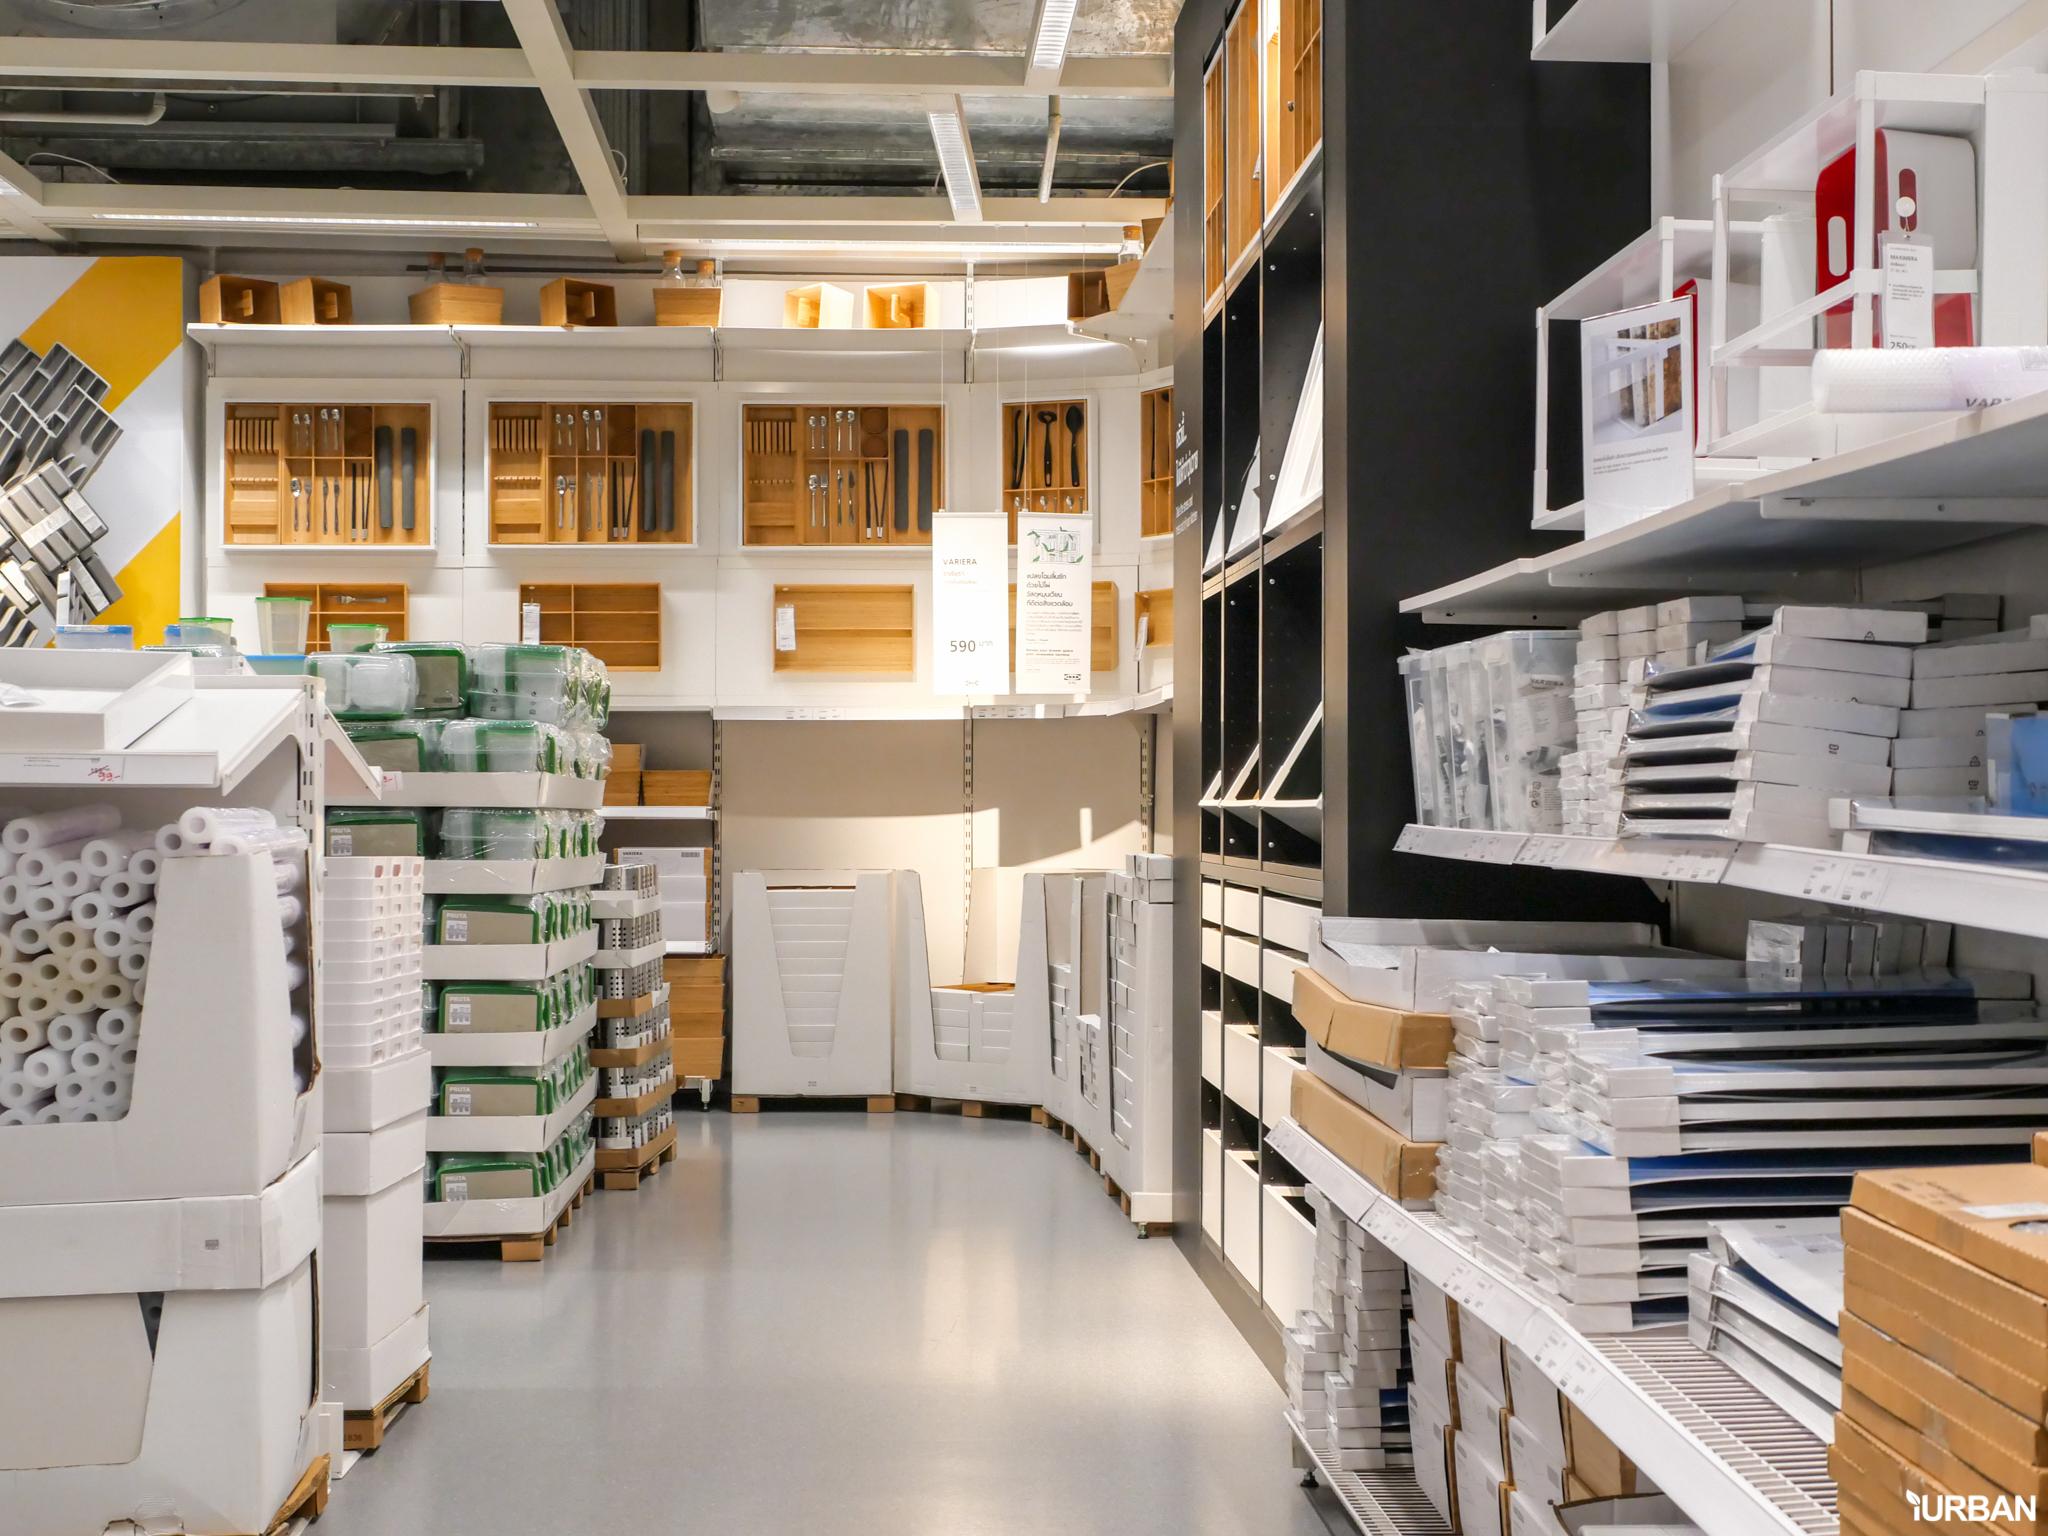 9 เหตุผลที่คนเลือกชุดครัวอิเกีย และโอกาสที่จะมีครัวในฝัน IKEA METOD/เมท็อด โปรนี้ดีที่สุดแล้ว #ถึง17มีนา 86 - IKEA (อิเกีย)